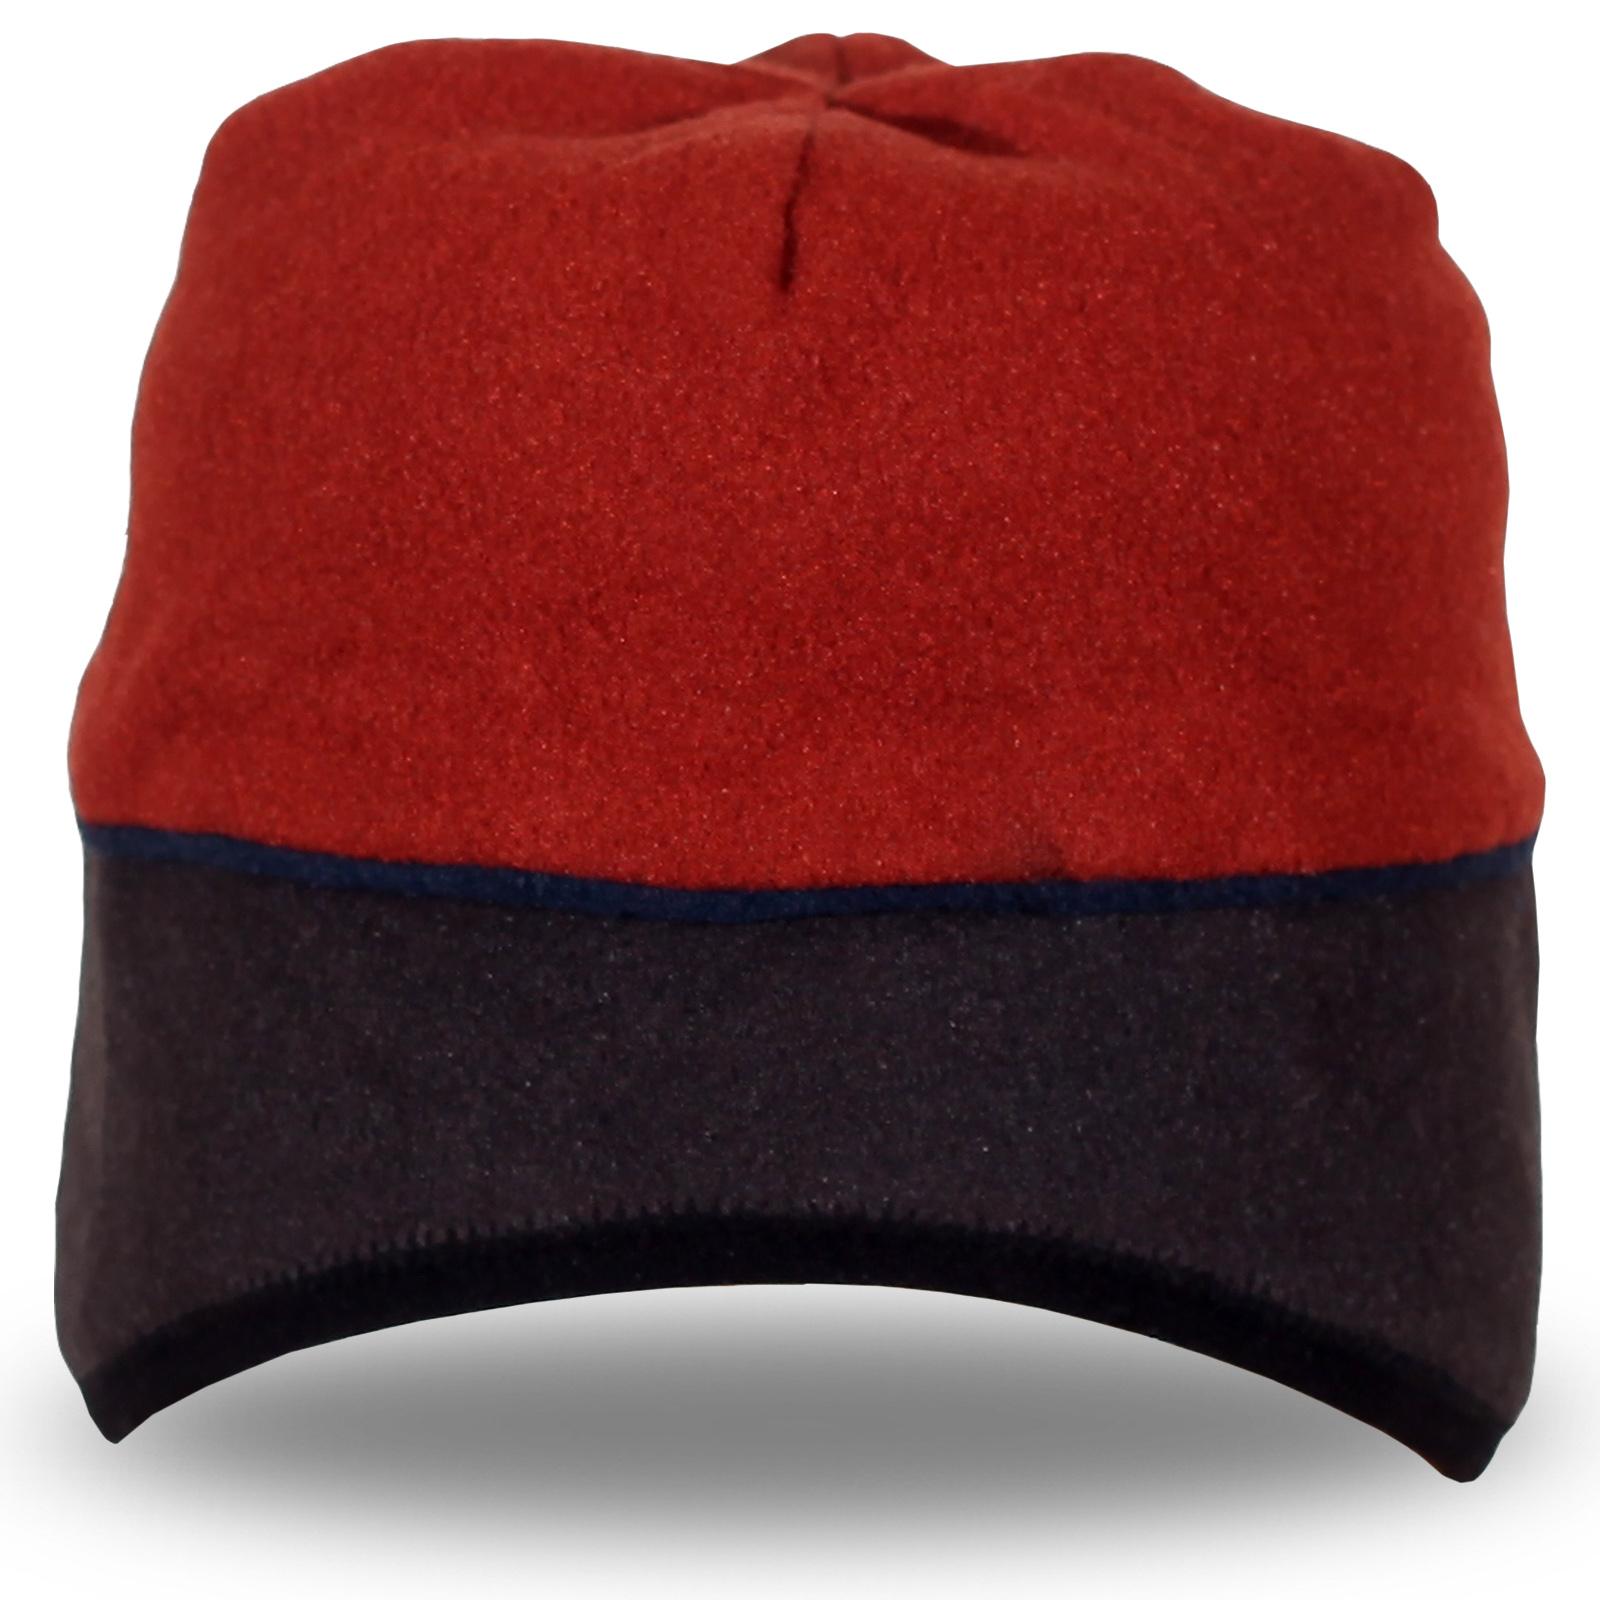 Модная шапка с козырьком. Успейте купить себе и близким!